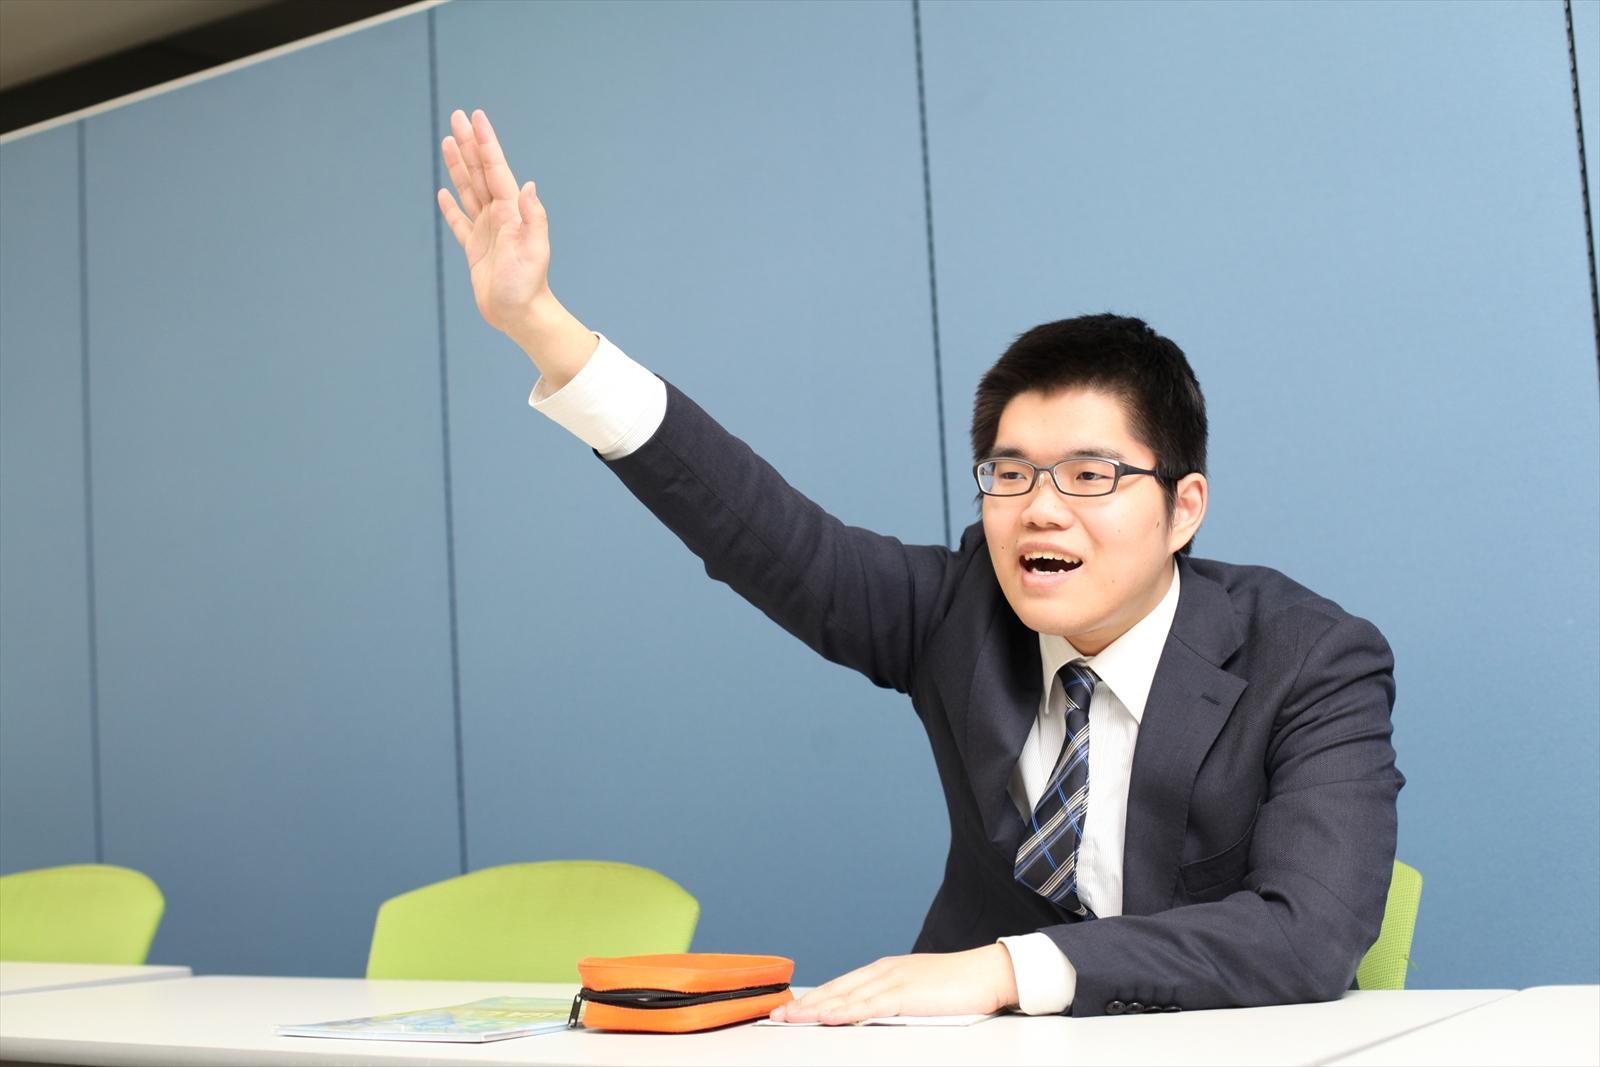 企業説明会で挙手をする就活生